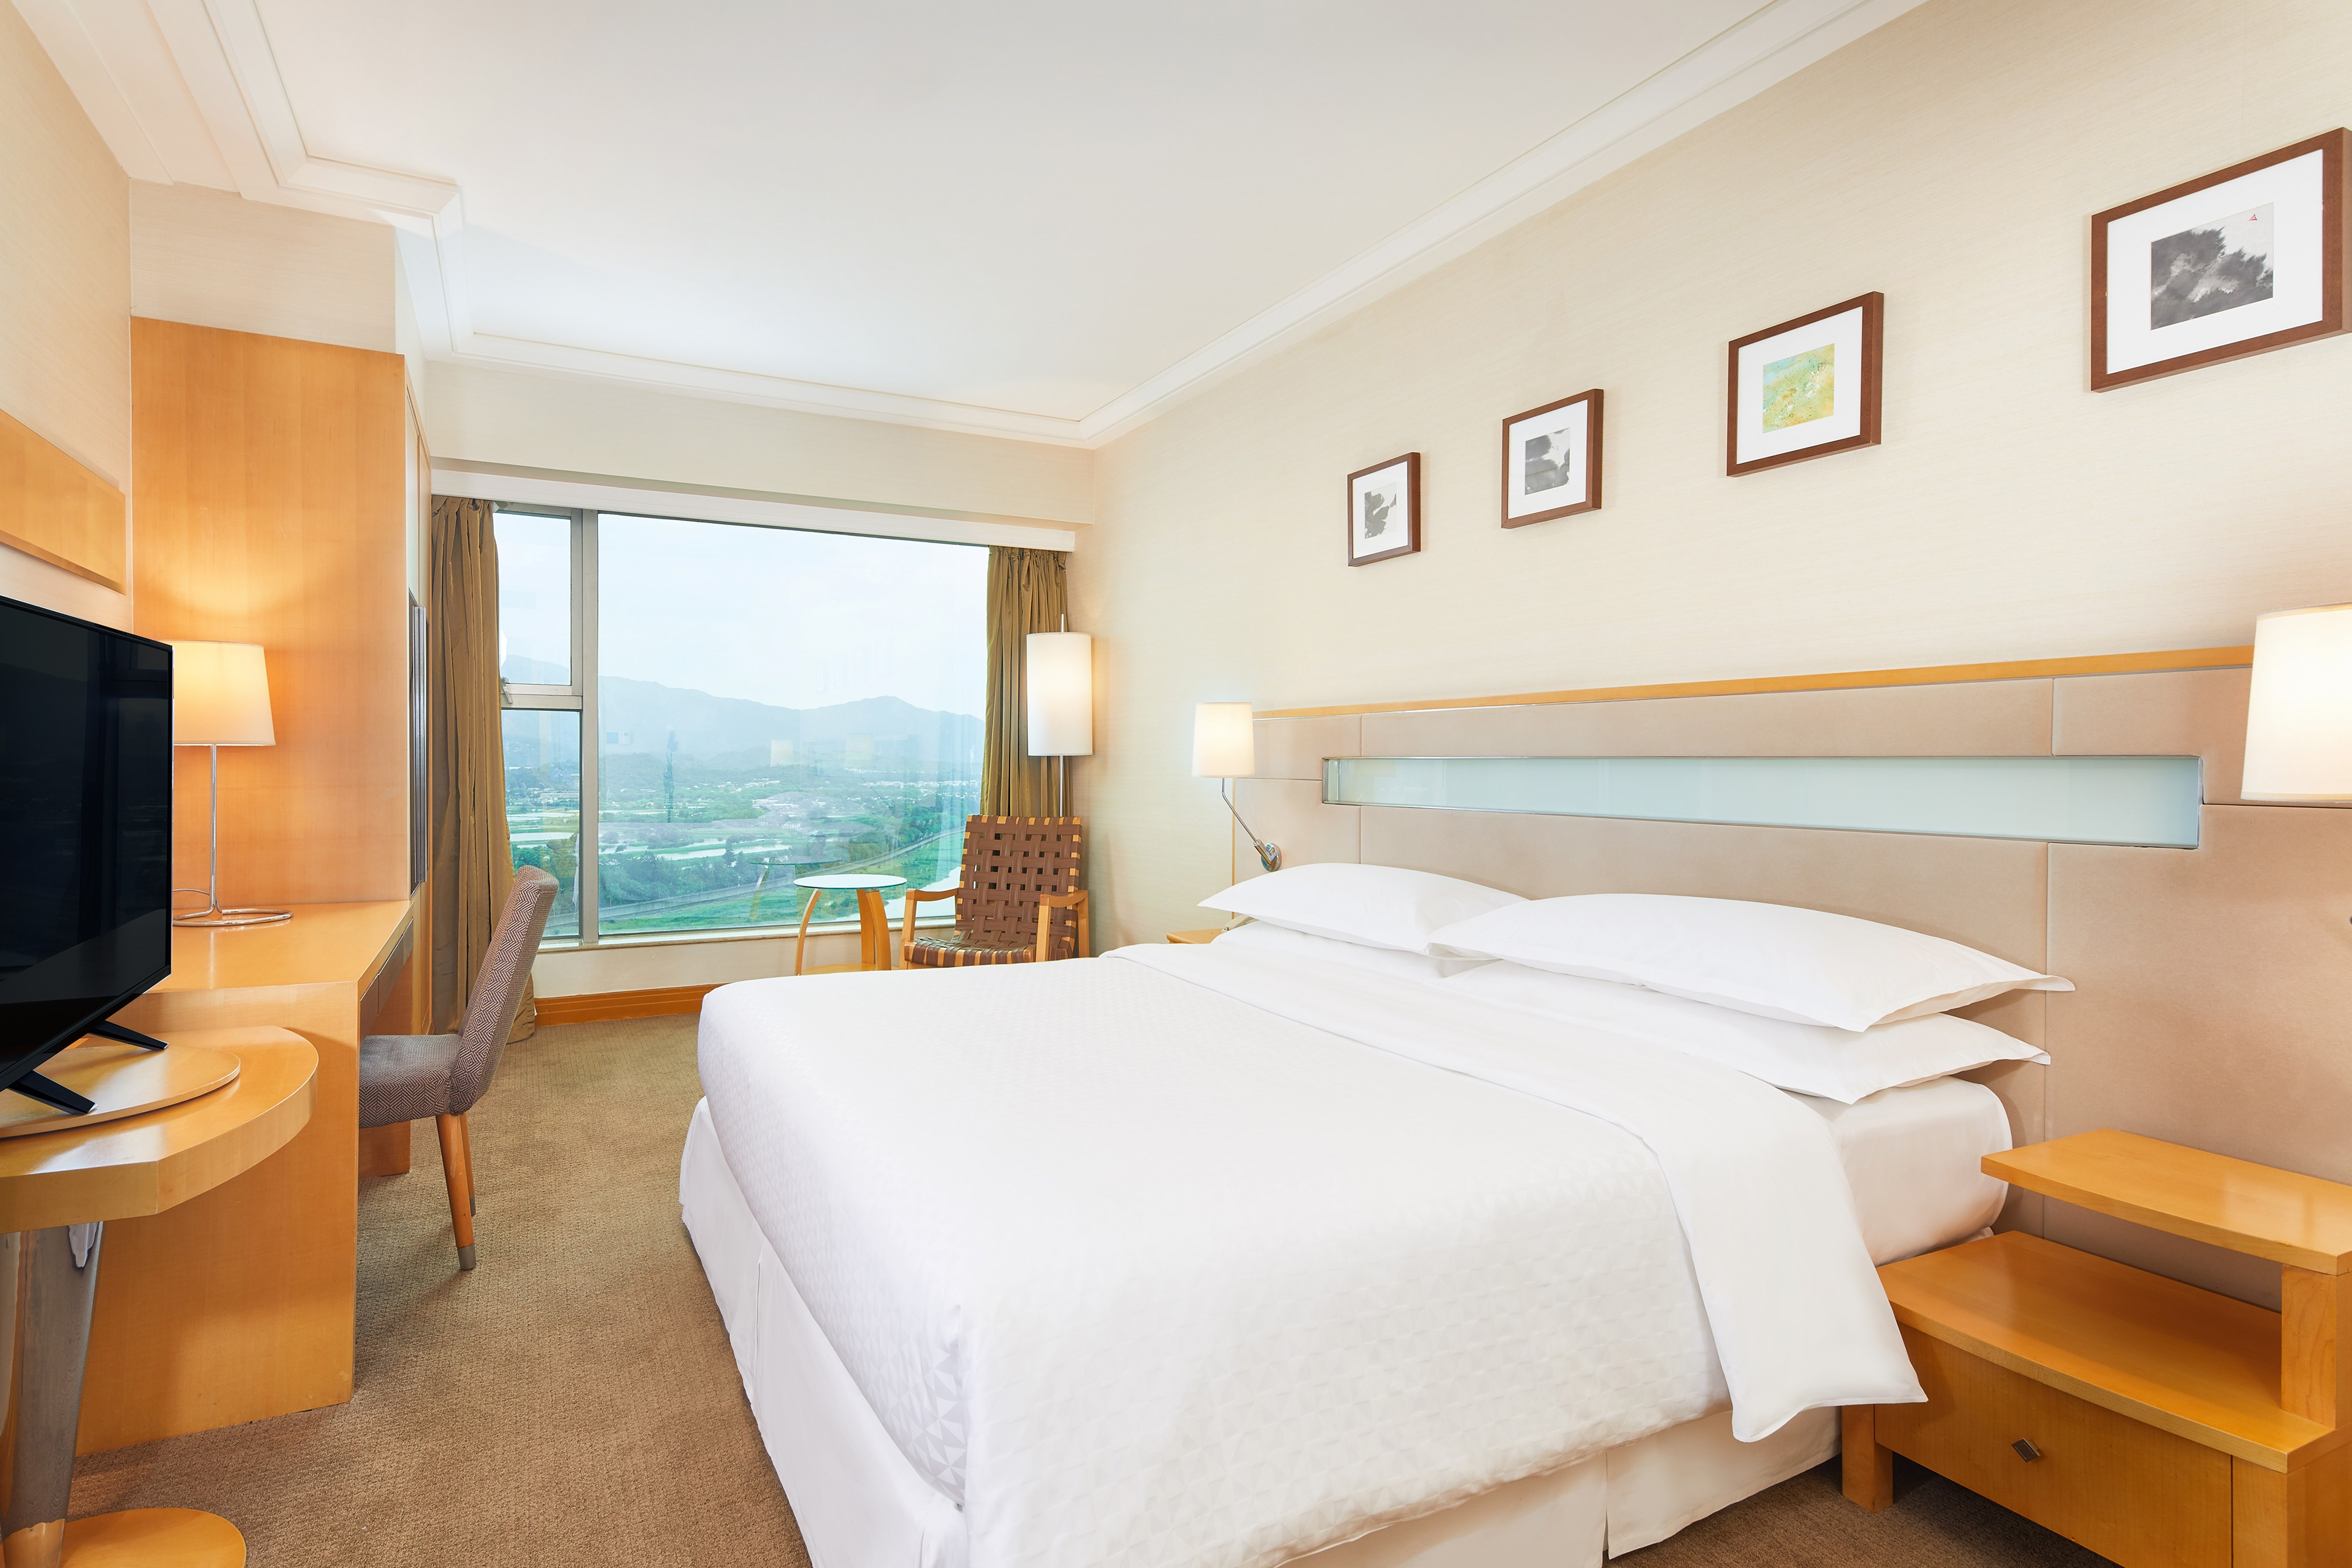 Chambre supérieure avec lit king size et vue sur le fleuve